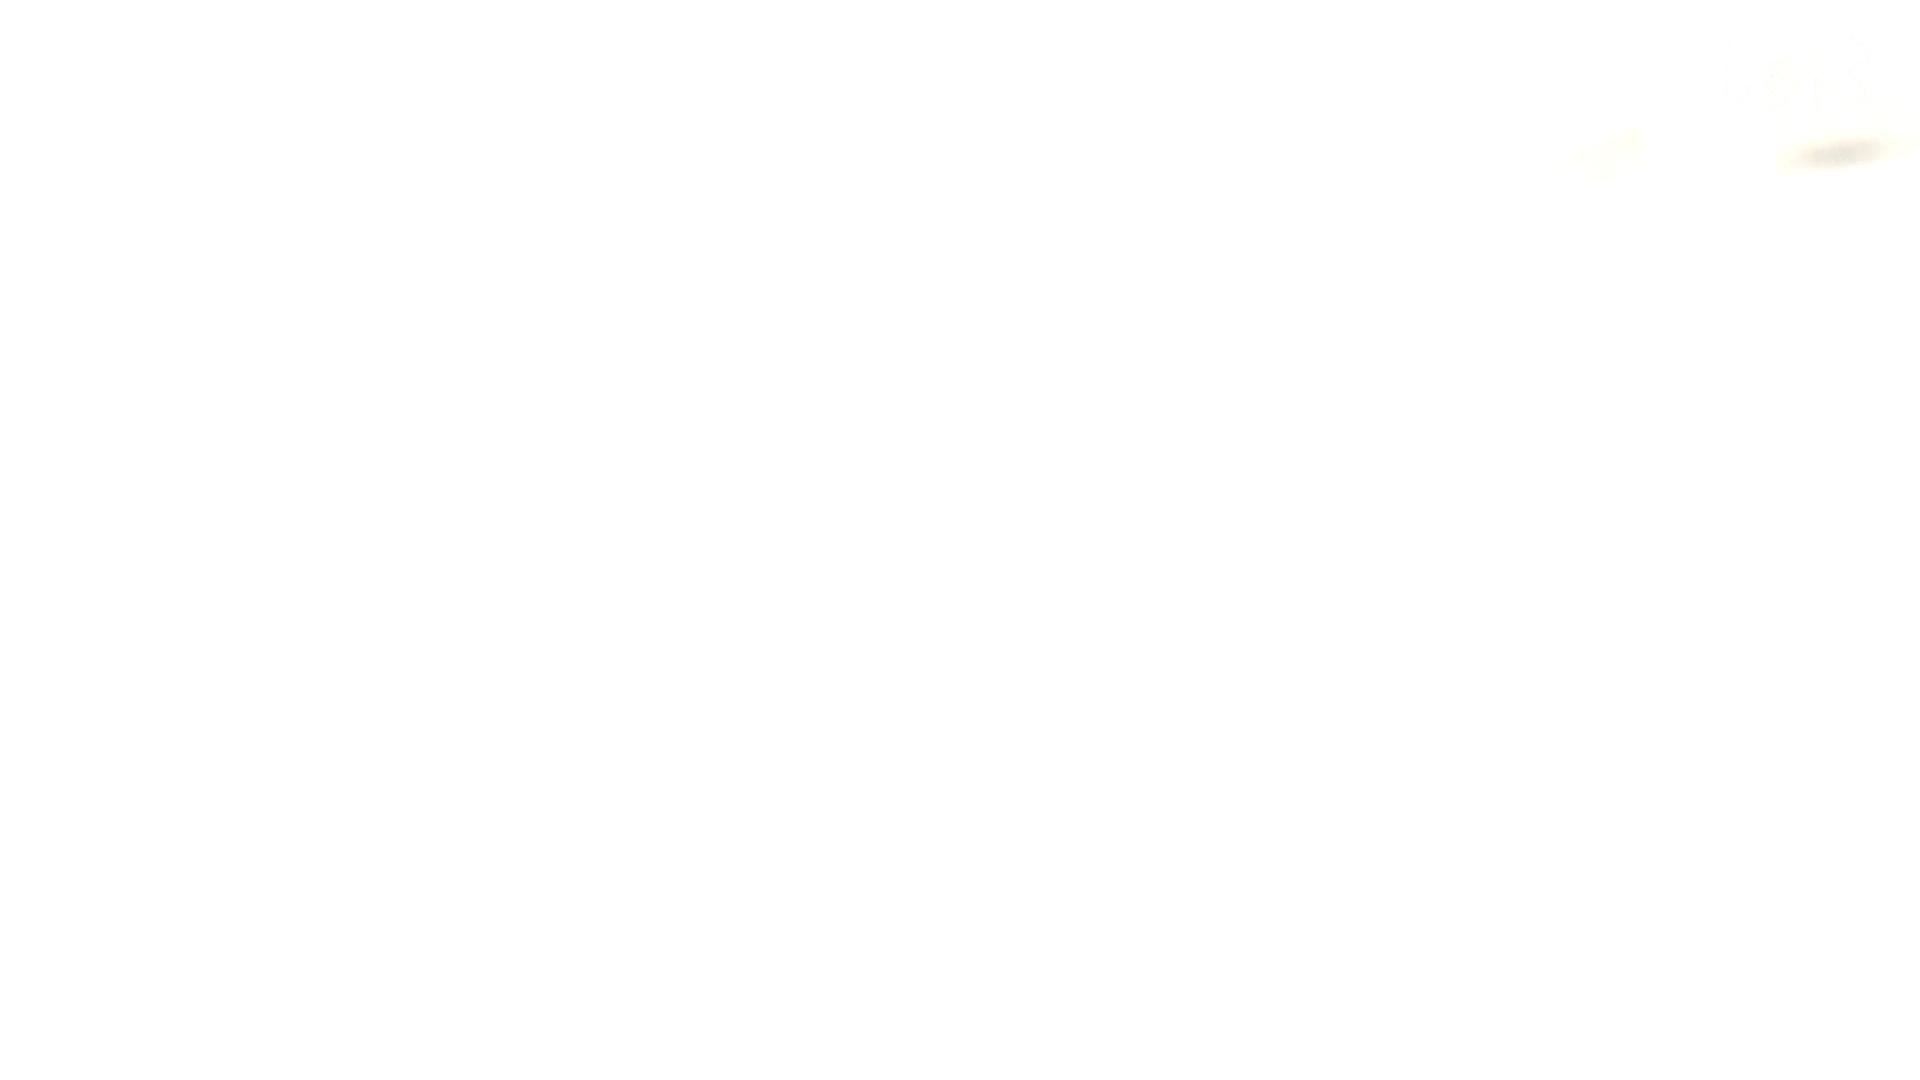 至高下半身盗撮-PREMIUM-【院内病棟編 】VOL3 0 | 盗撮大放出  86連発 45